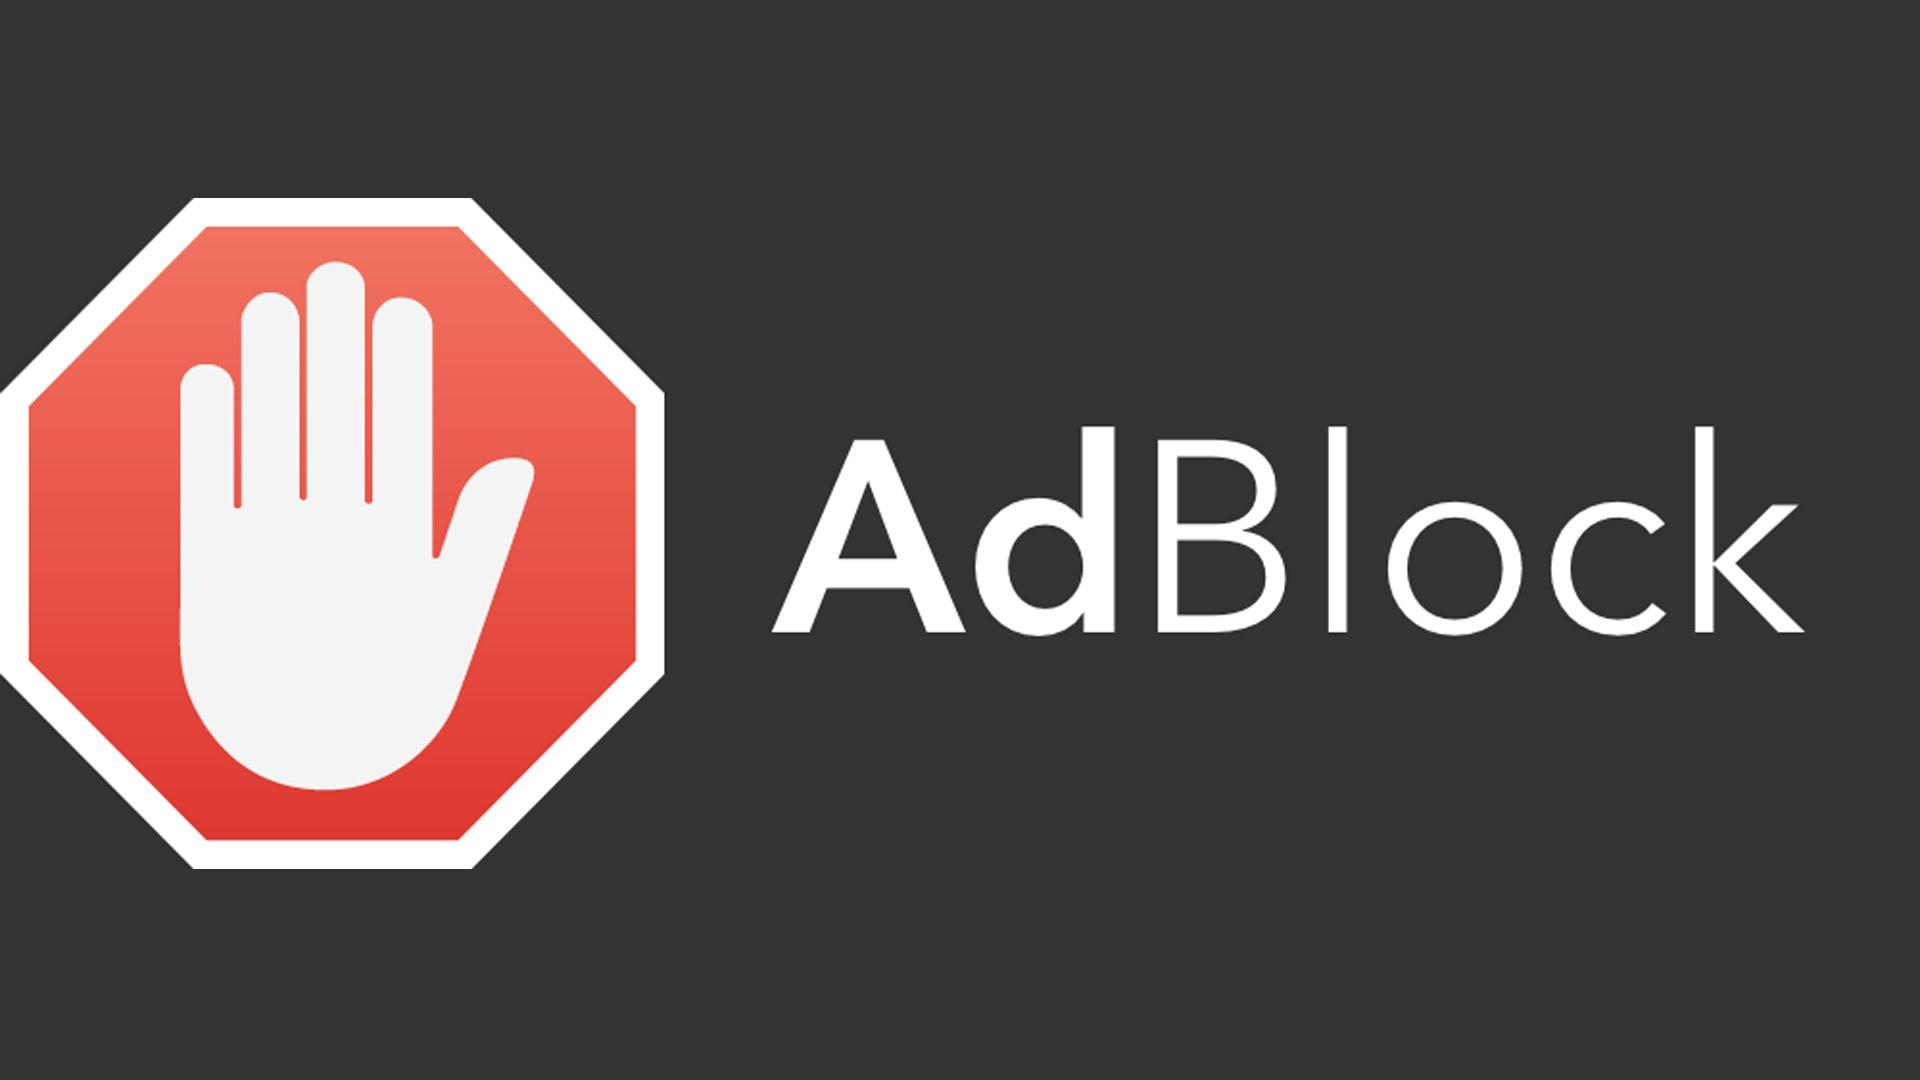 YouTube Premium или AdBlock? Как скрыть рекламу качественно? 3 - lenium.ru